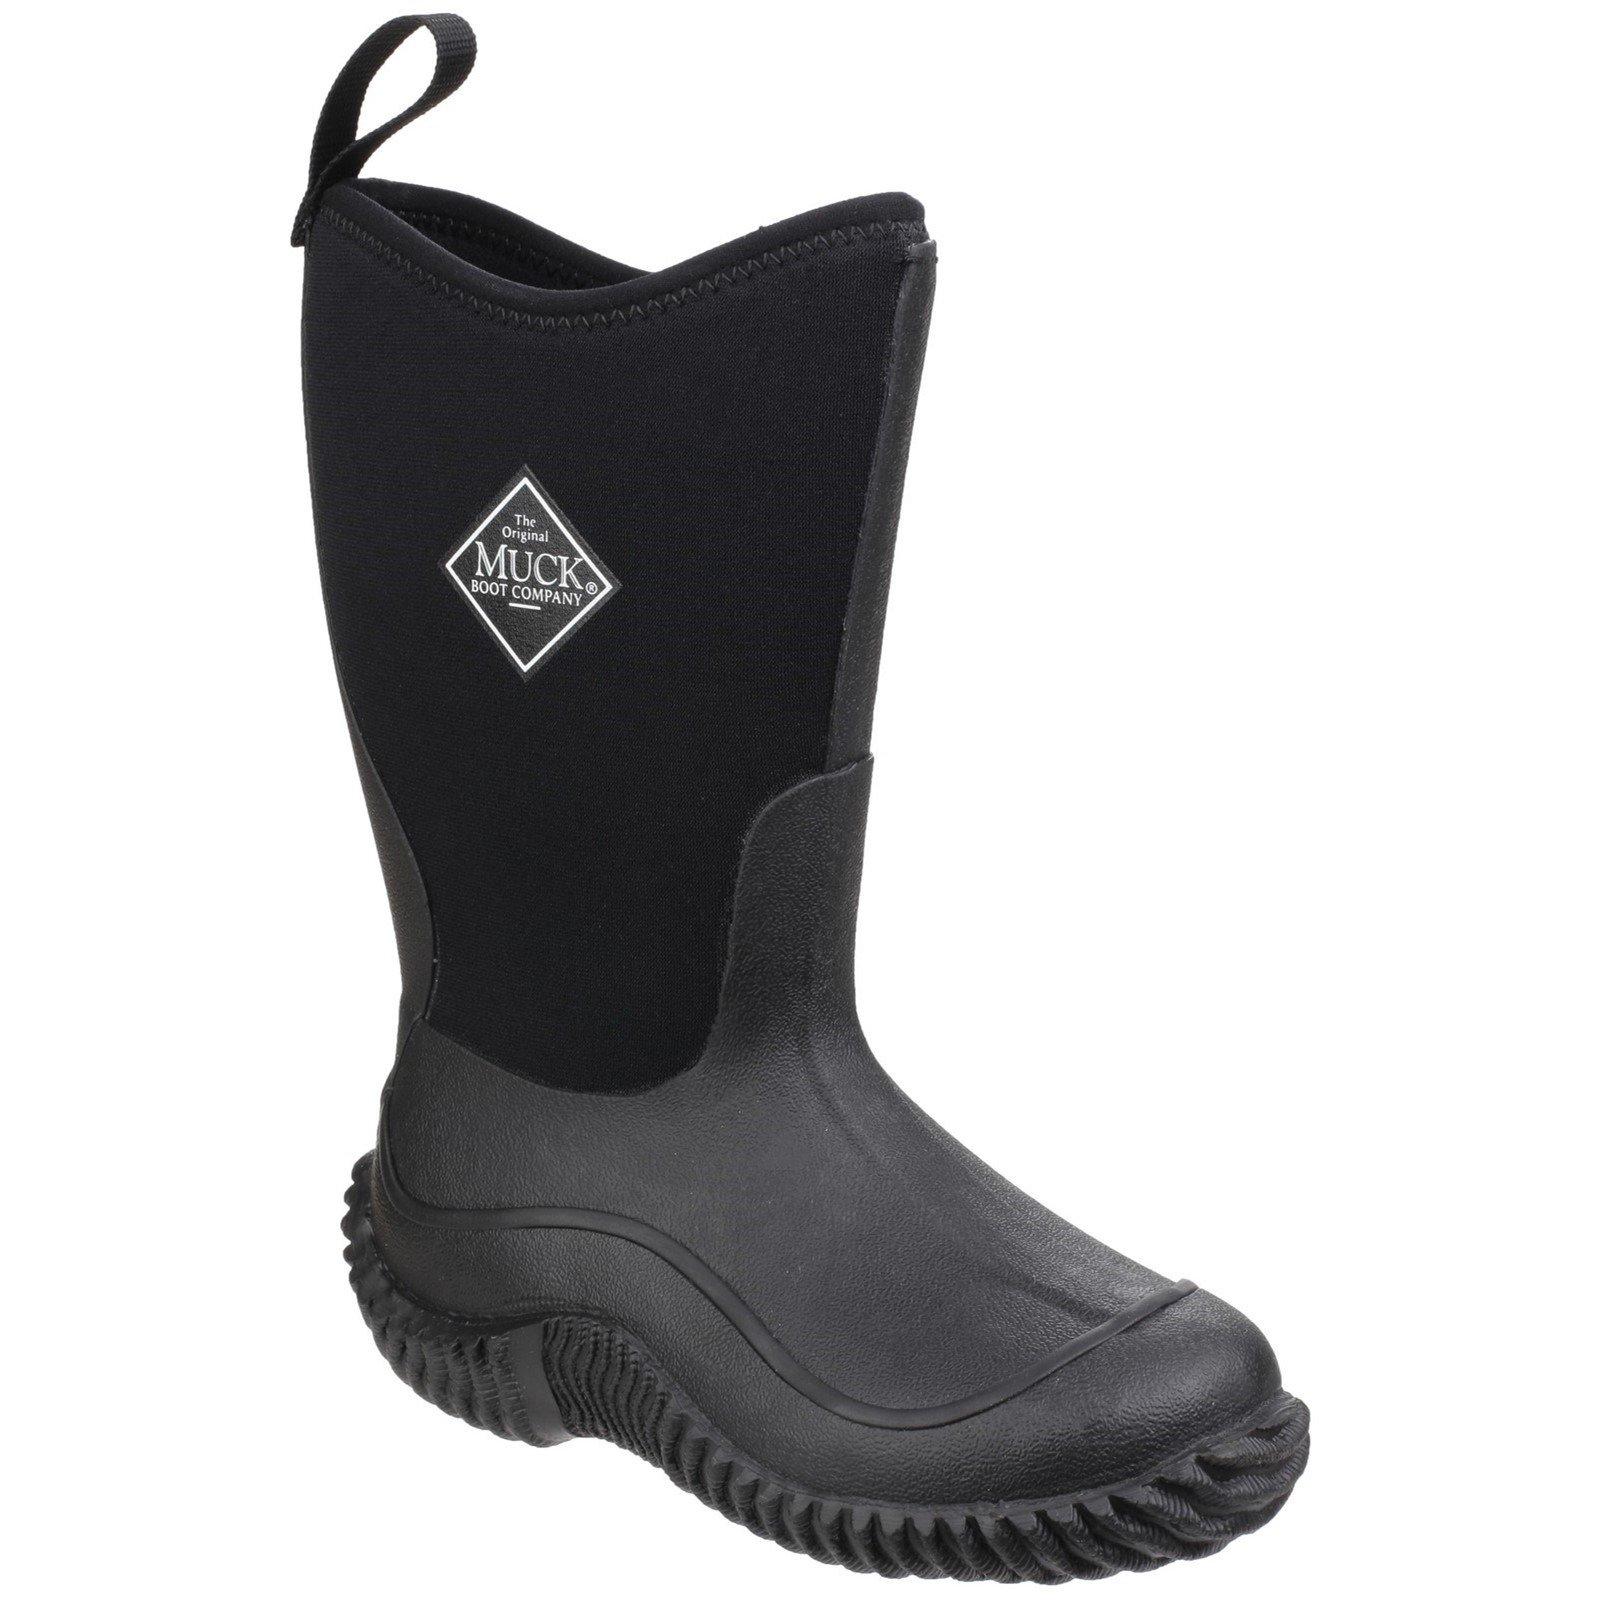 Muck Boots Kid's Hale Pull On Wellington Boot Black 24844 - Black 6